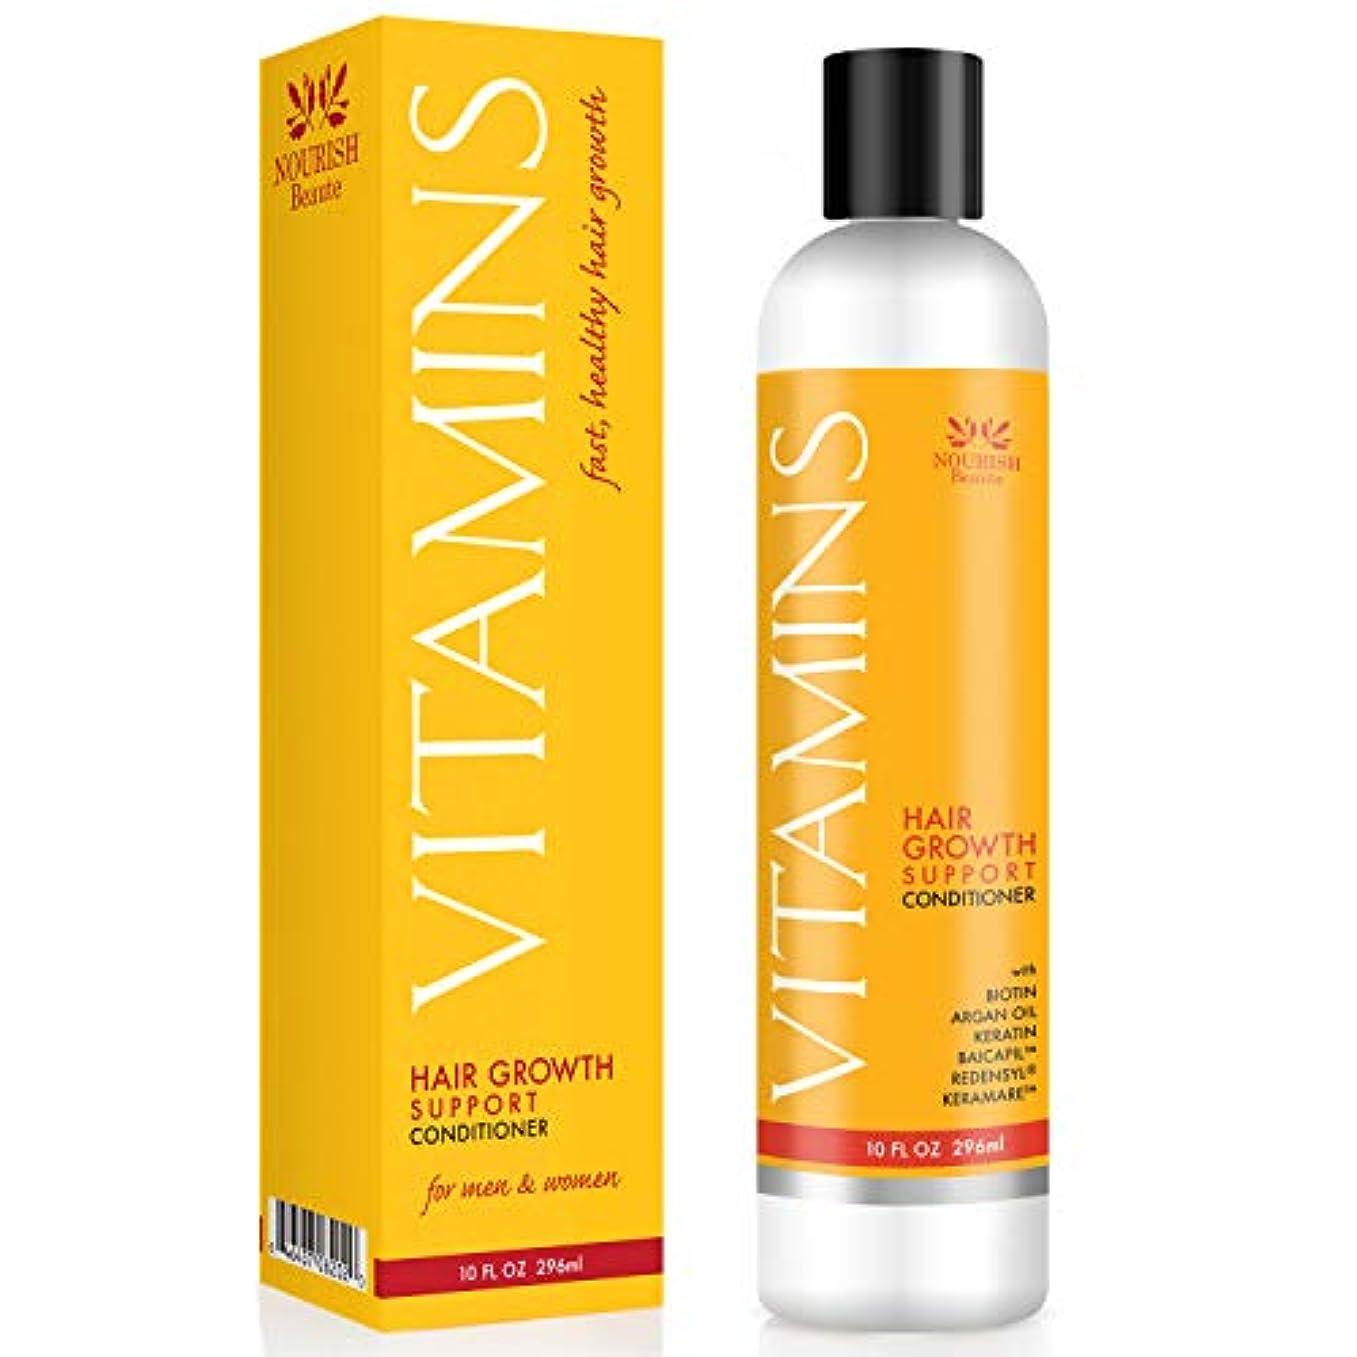 アベニュー各送るVitamins - オーガニック 脱毛トリートメント コンディショナー Organic Hair Loss Treatment and Conditioner, 10 Ounce (296ml)